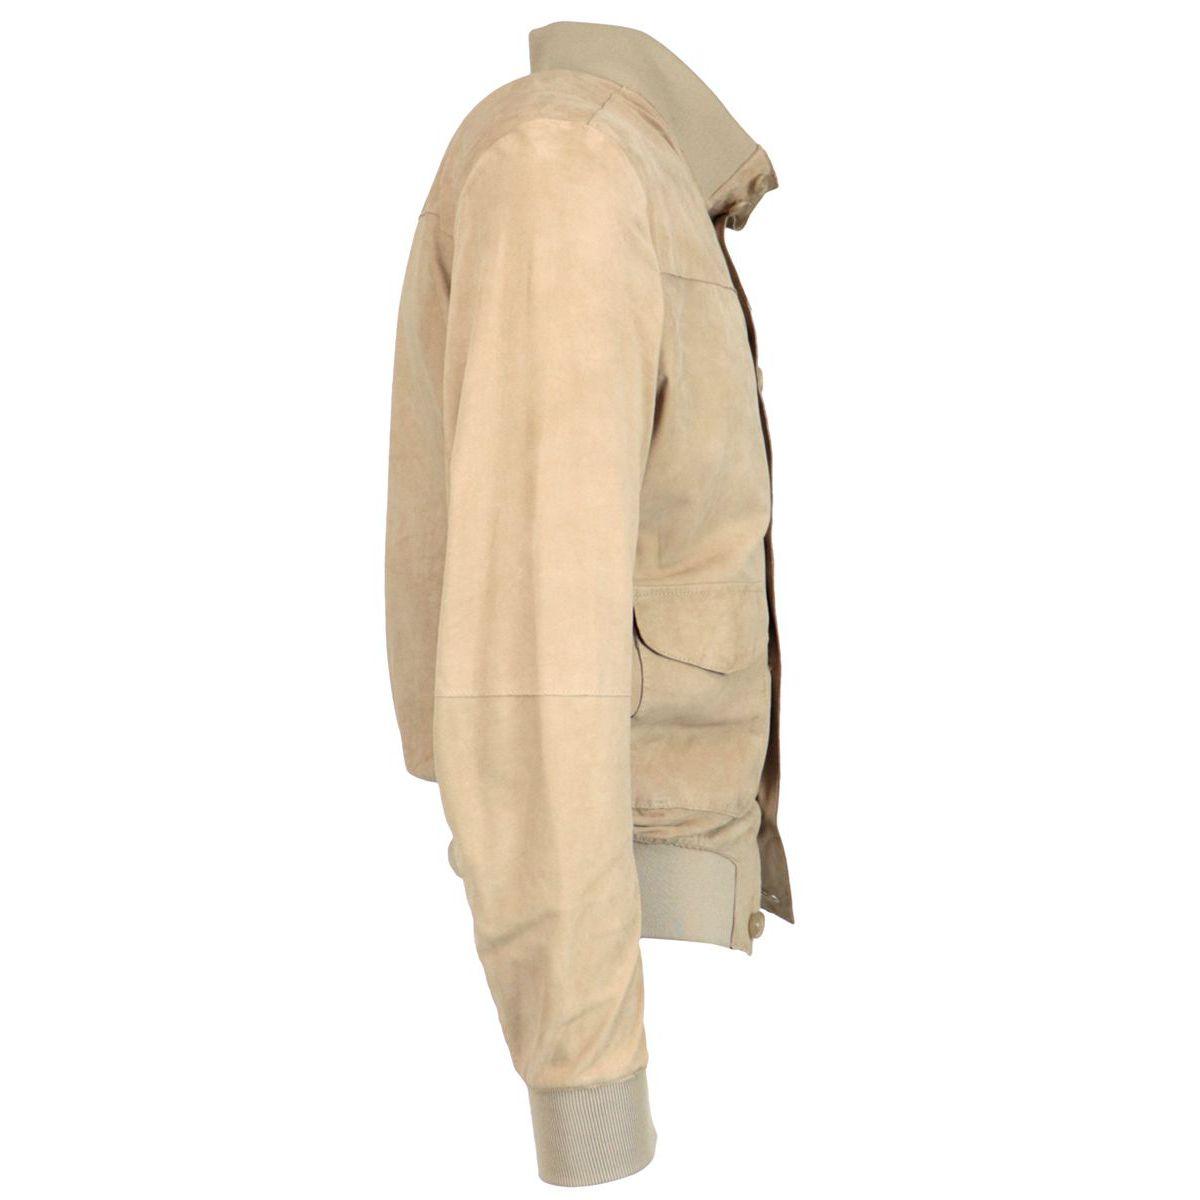 Carlos jacket in suede Sand Andrea D'amico